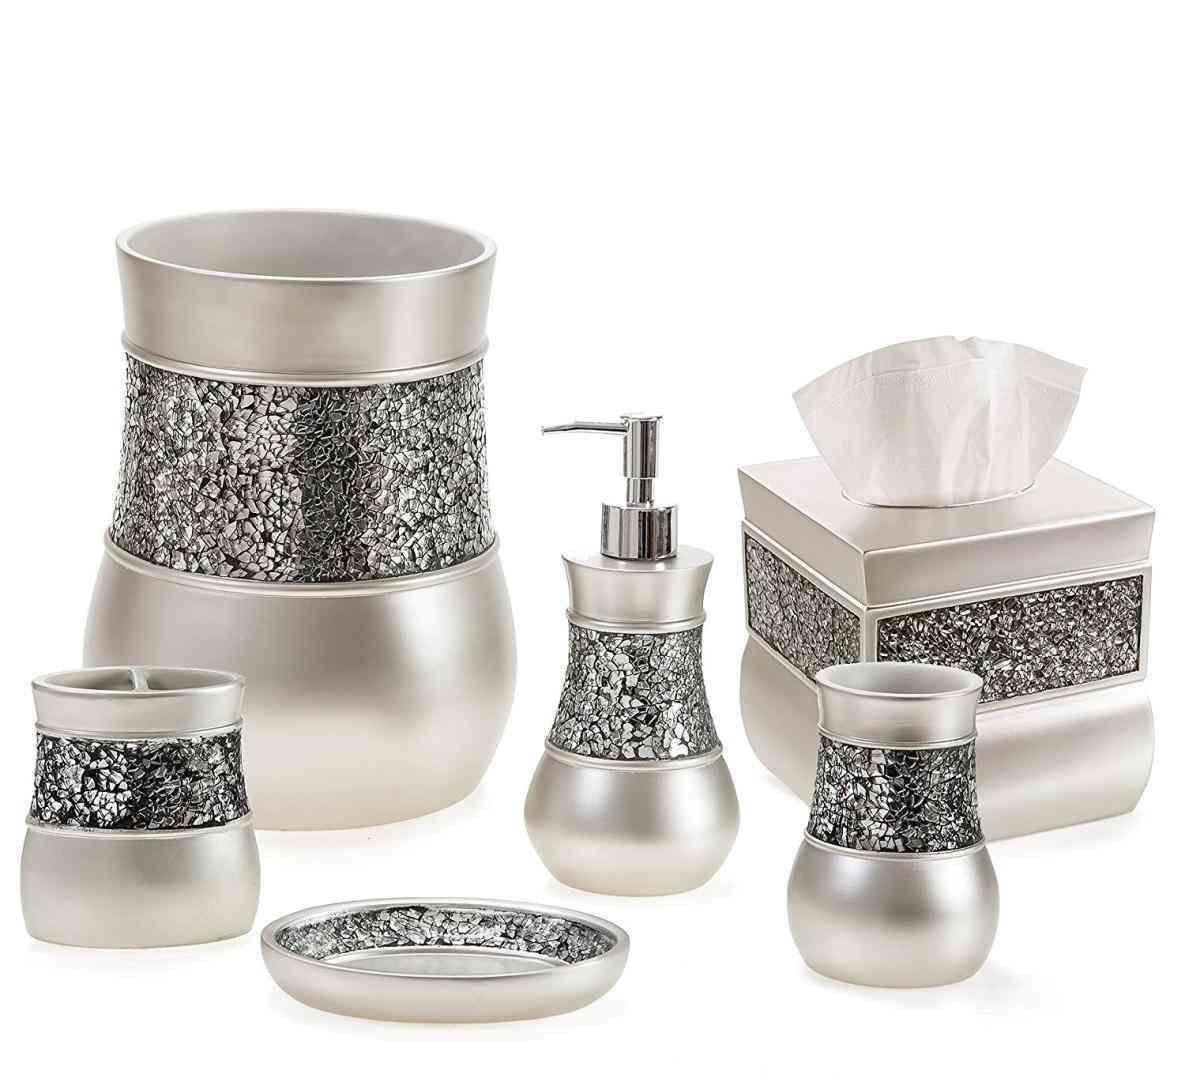 New Post Brushed Nickel Bathroom Set  Livingrooms  Pinterest Interesting Brushed Nickel Bathroom Accessories Decorating Design